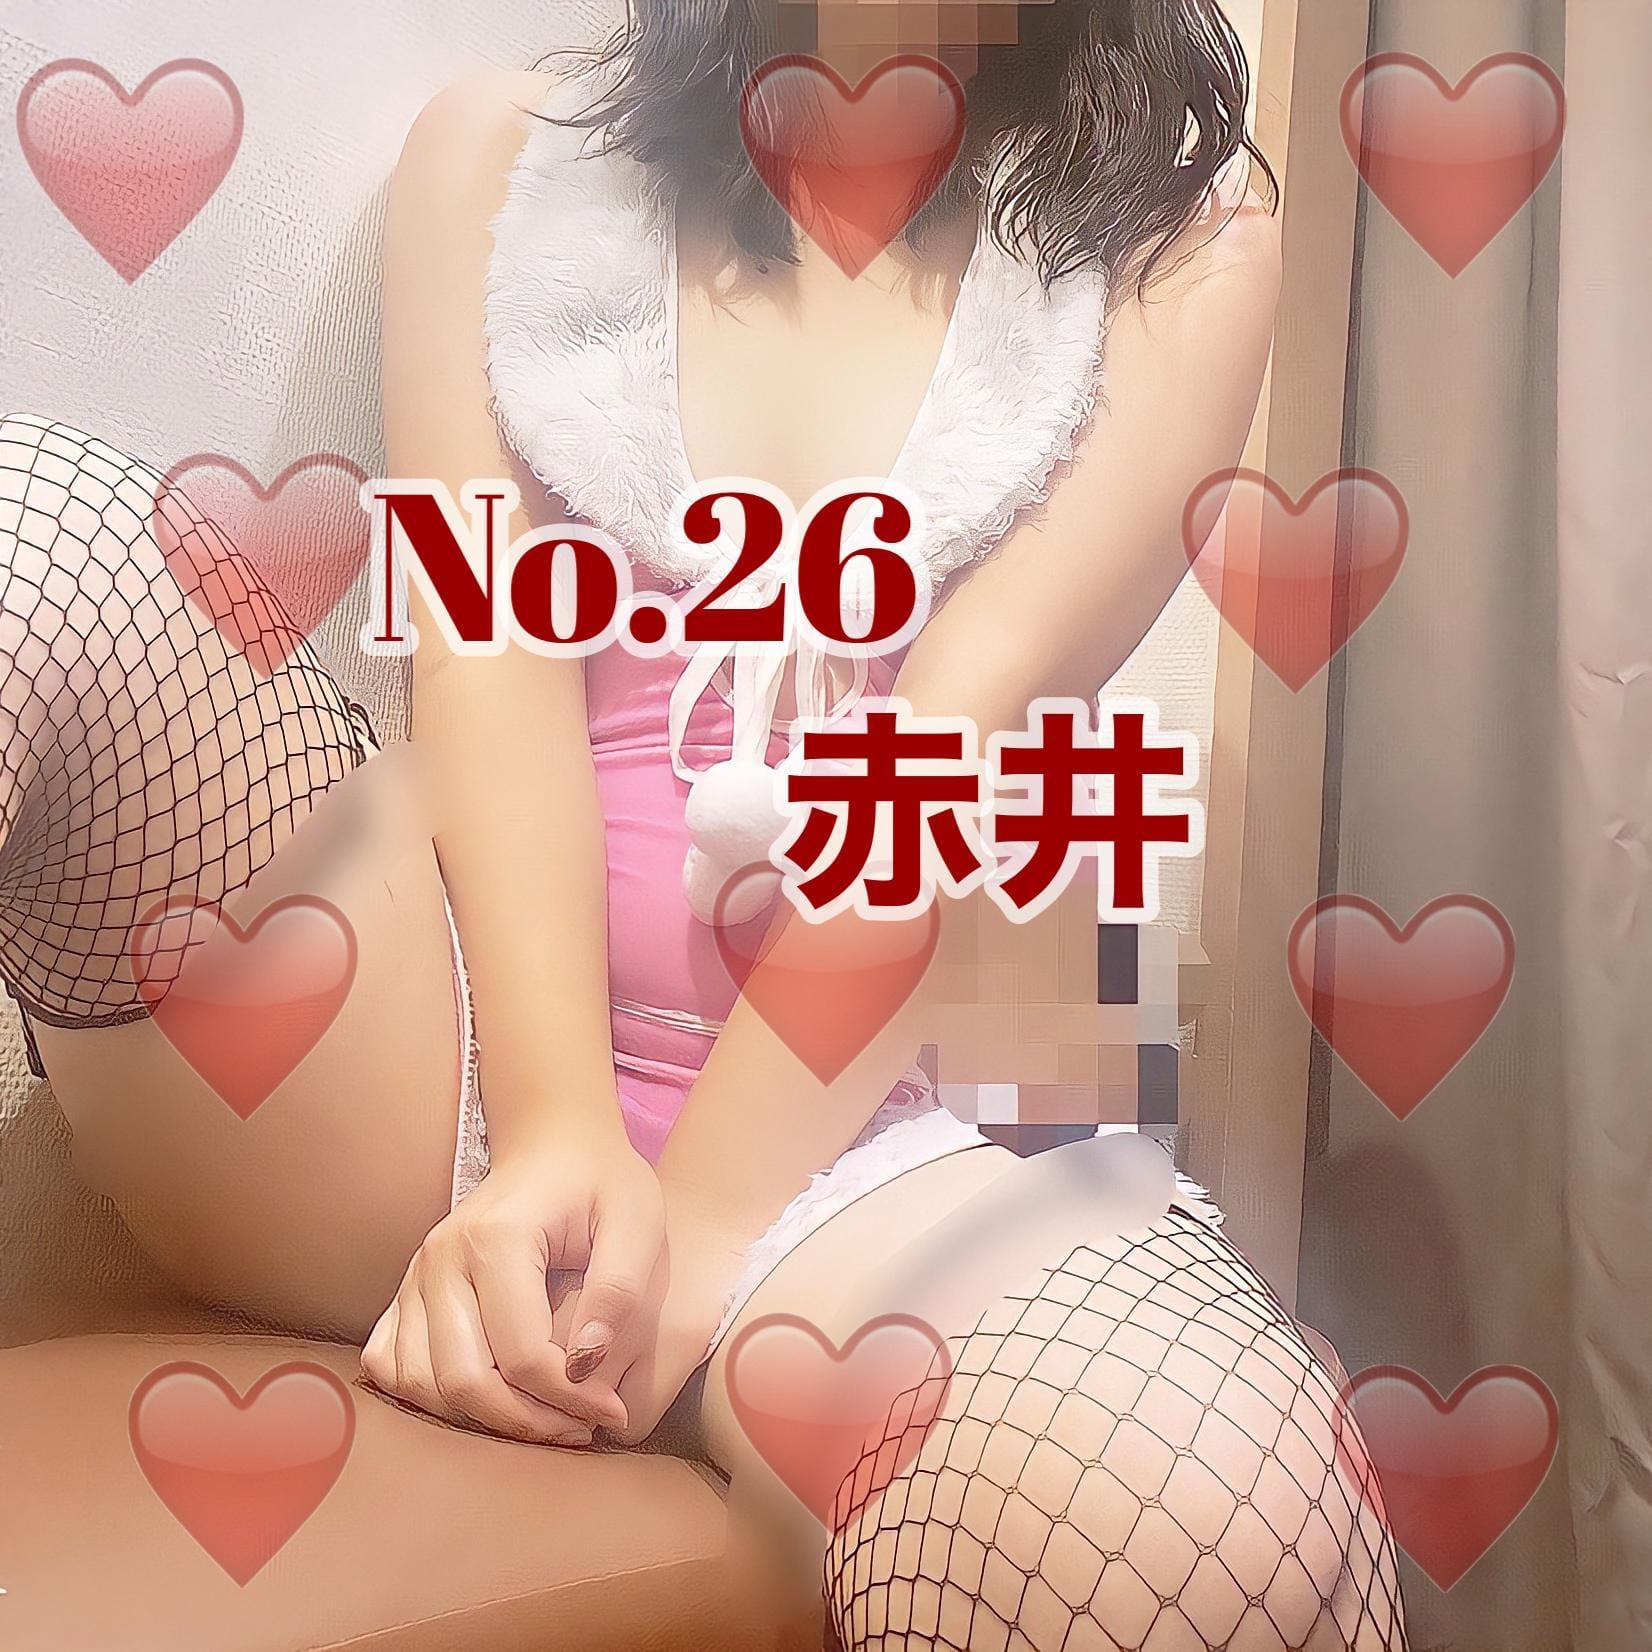 「No.26 赤井 ついにバニー」09/22(水) 12:36 | 赤井の写メ